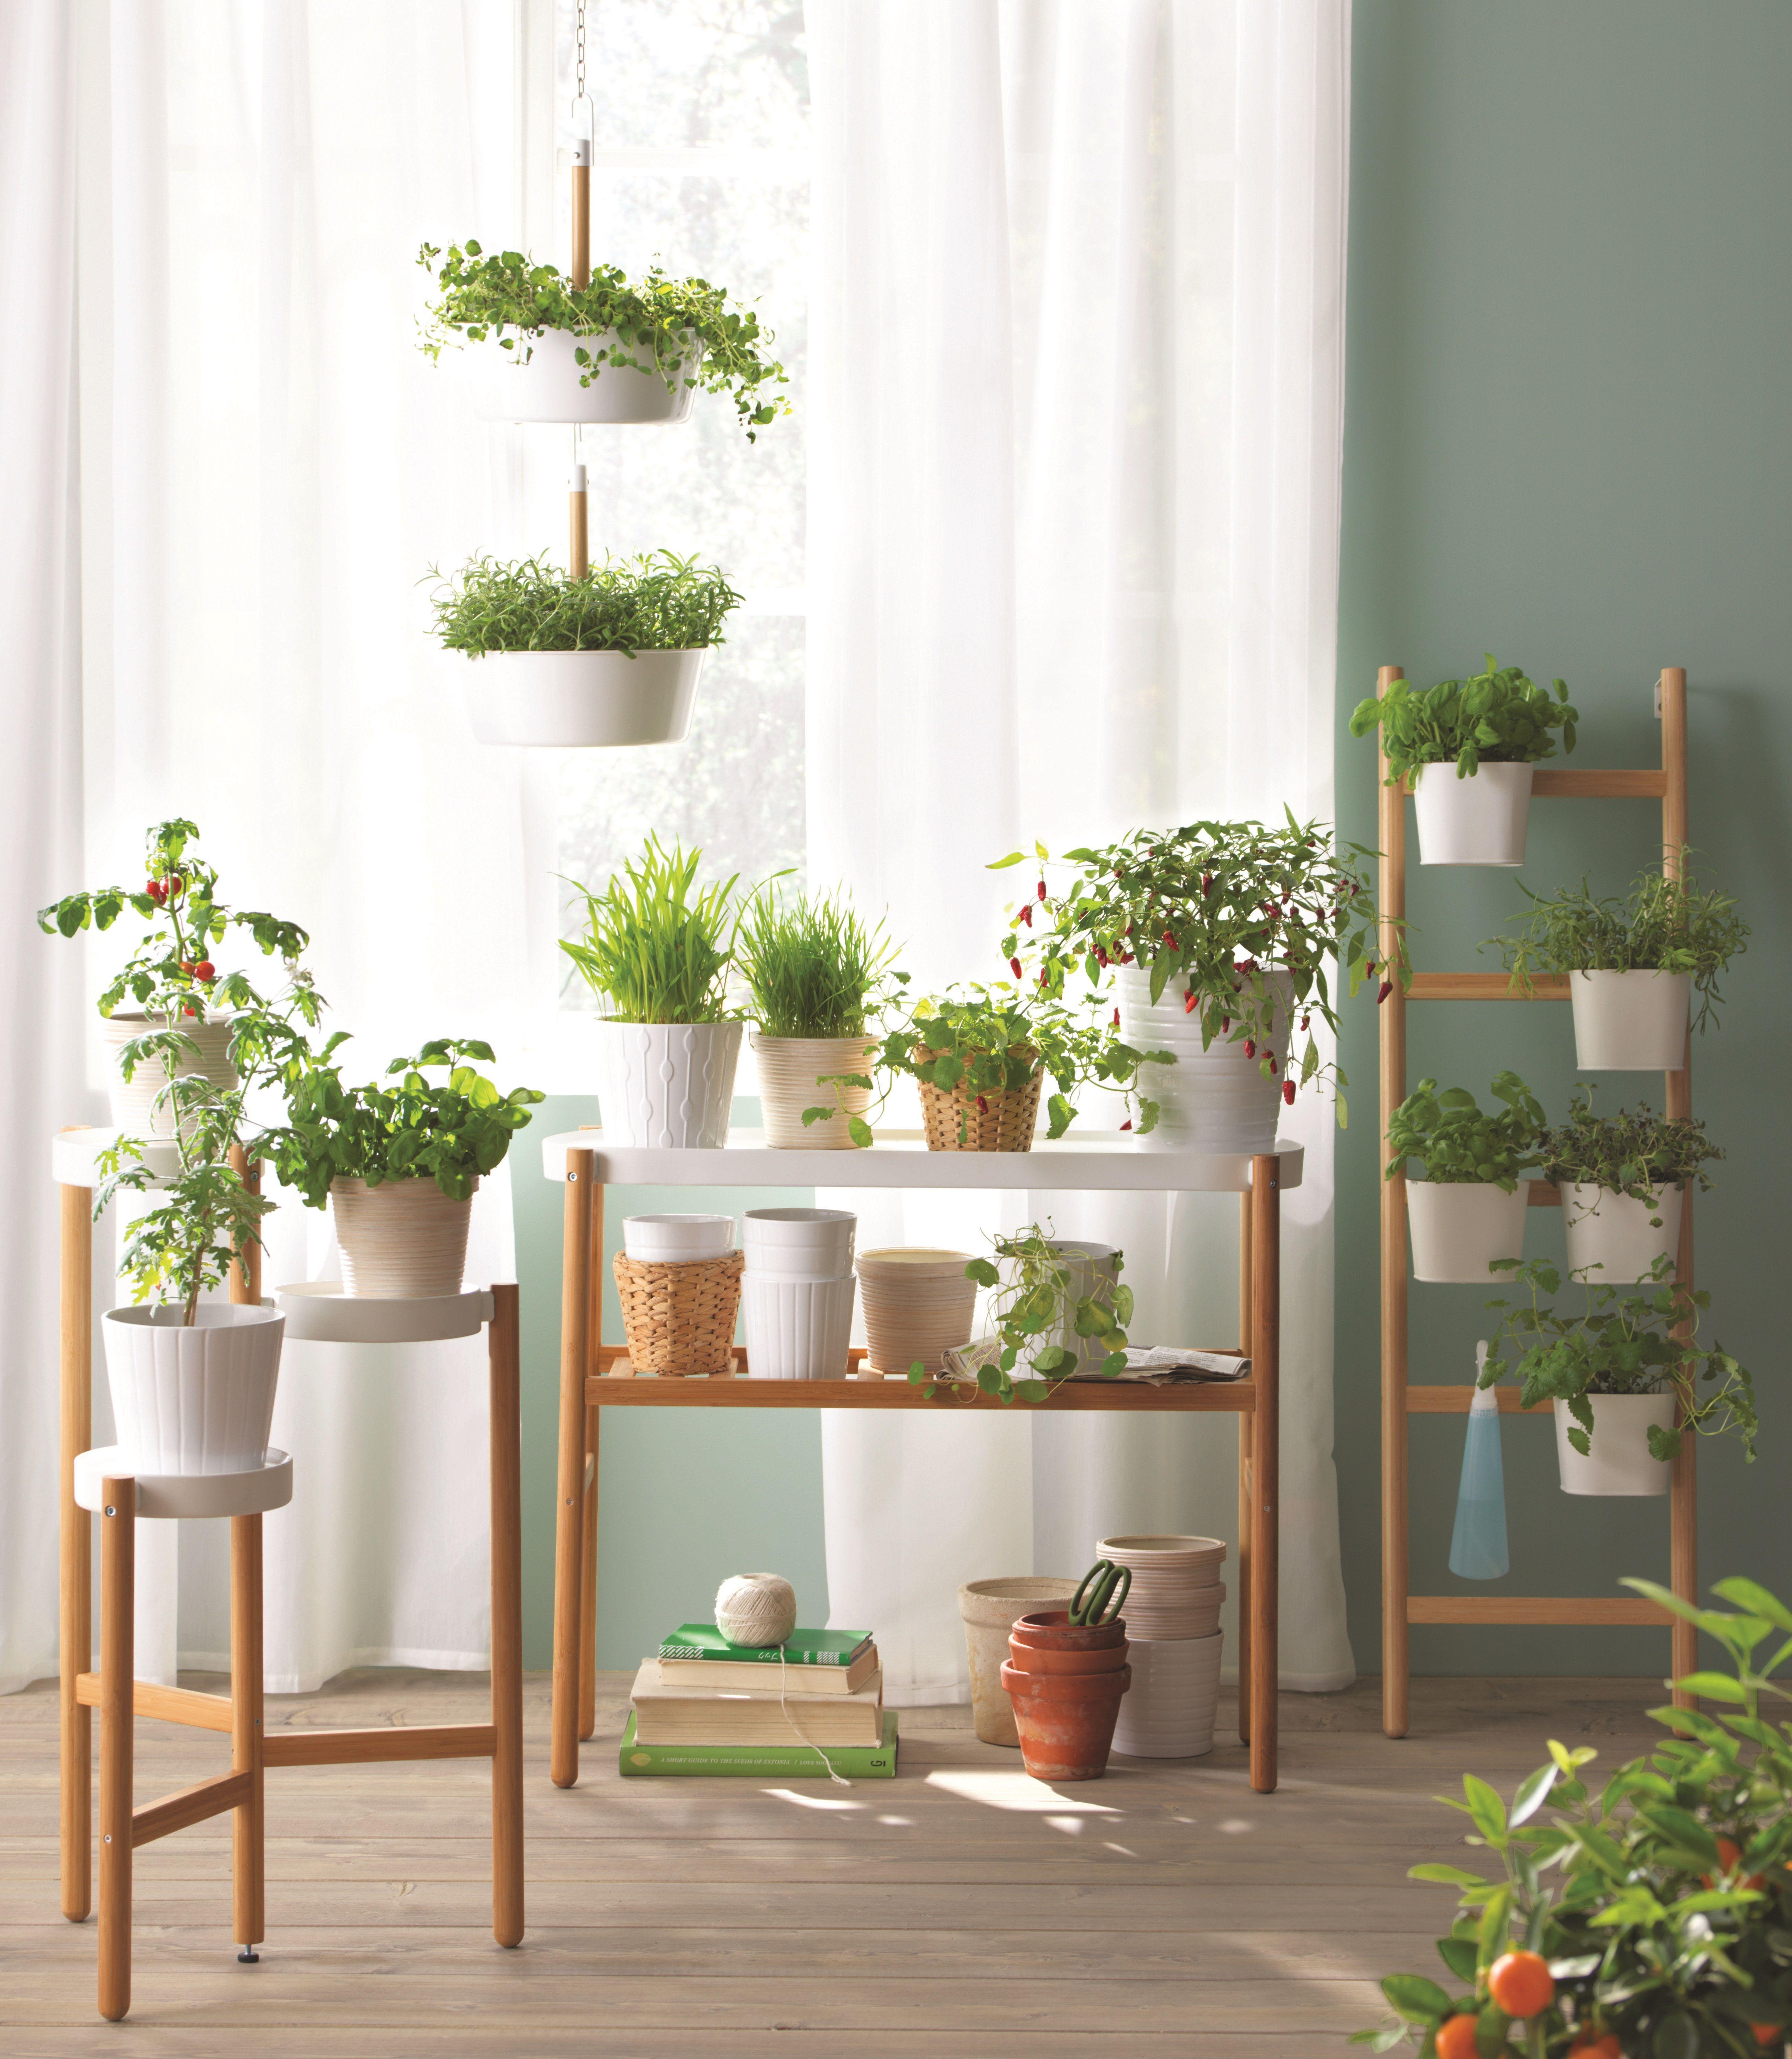 tout ce qu 39 il vous faut pour cr er un int rieur vert laissez place au vert pinterest. Black Bedroom Furniture Sets. Home Design Ideas